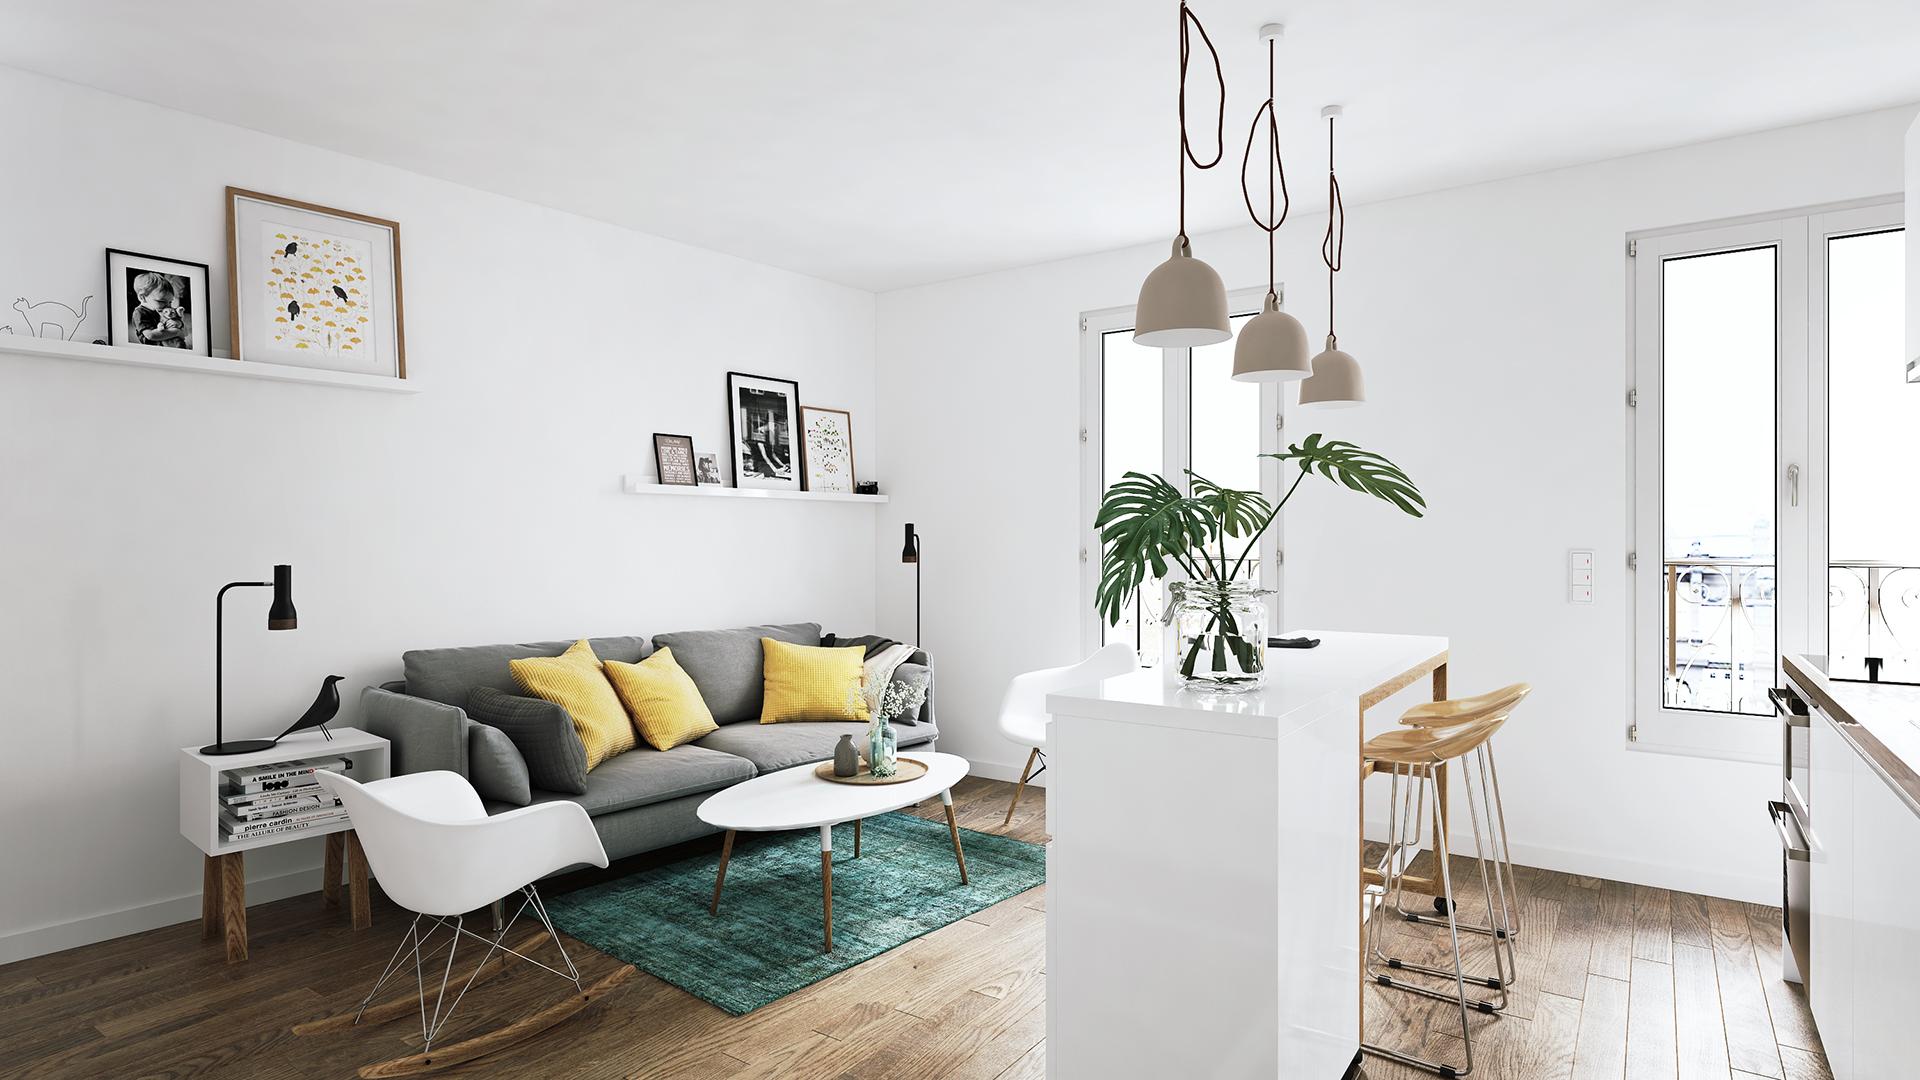 北欧小房间-室内设计-空间-设计作品-中国设计之窗